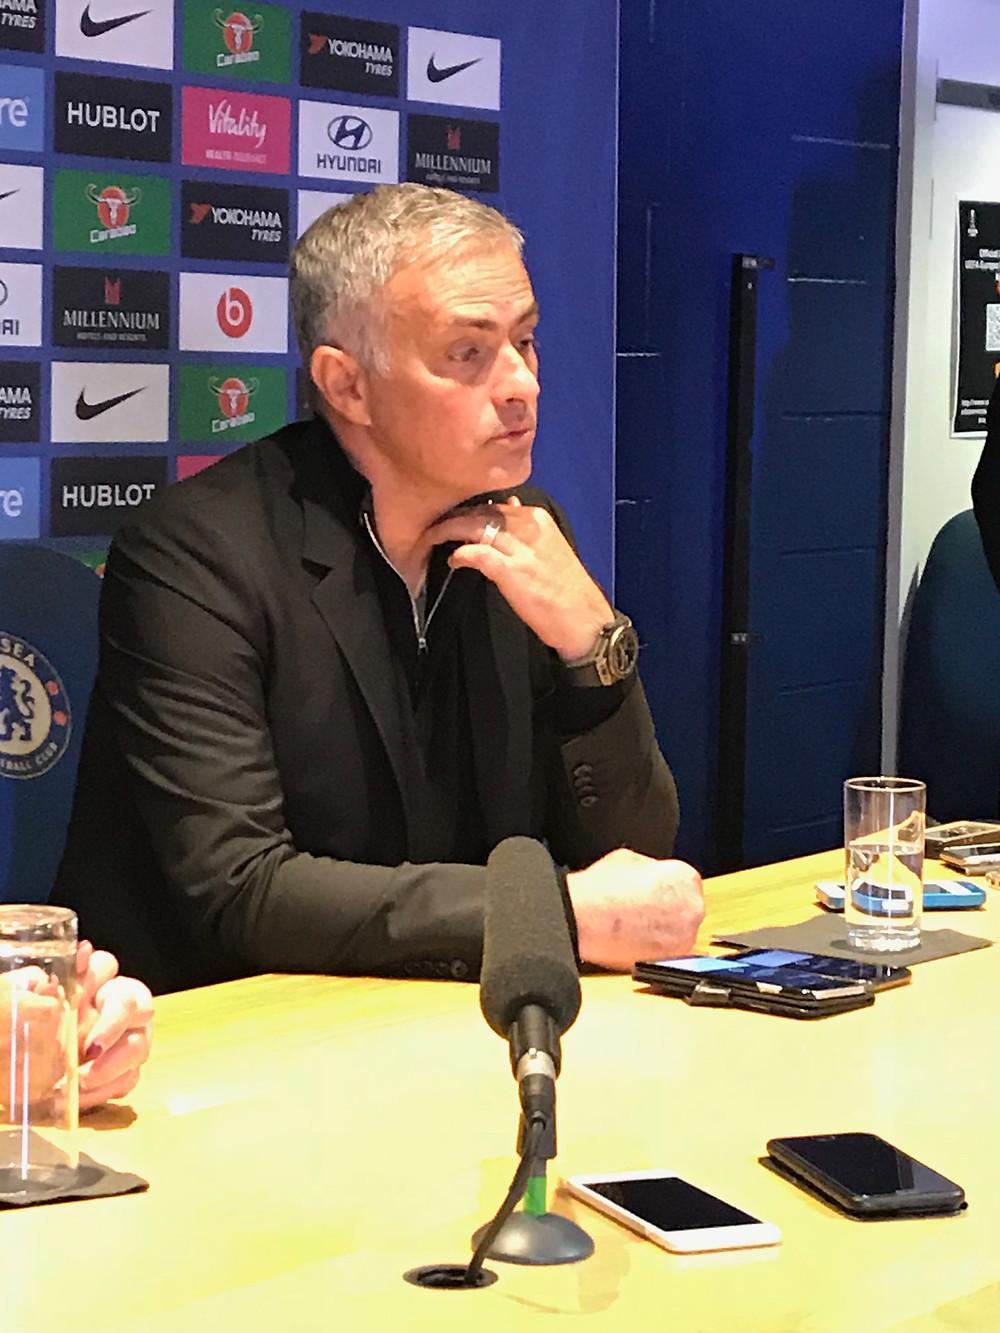 Jose Mourinho Photo by Paul Lagan